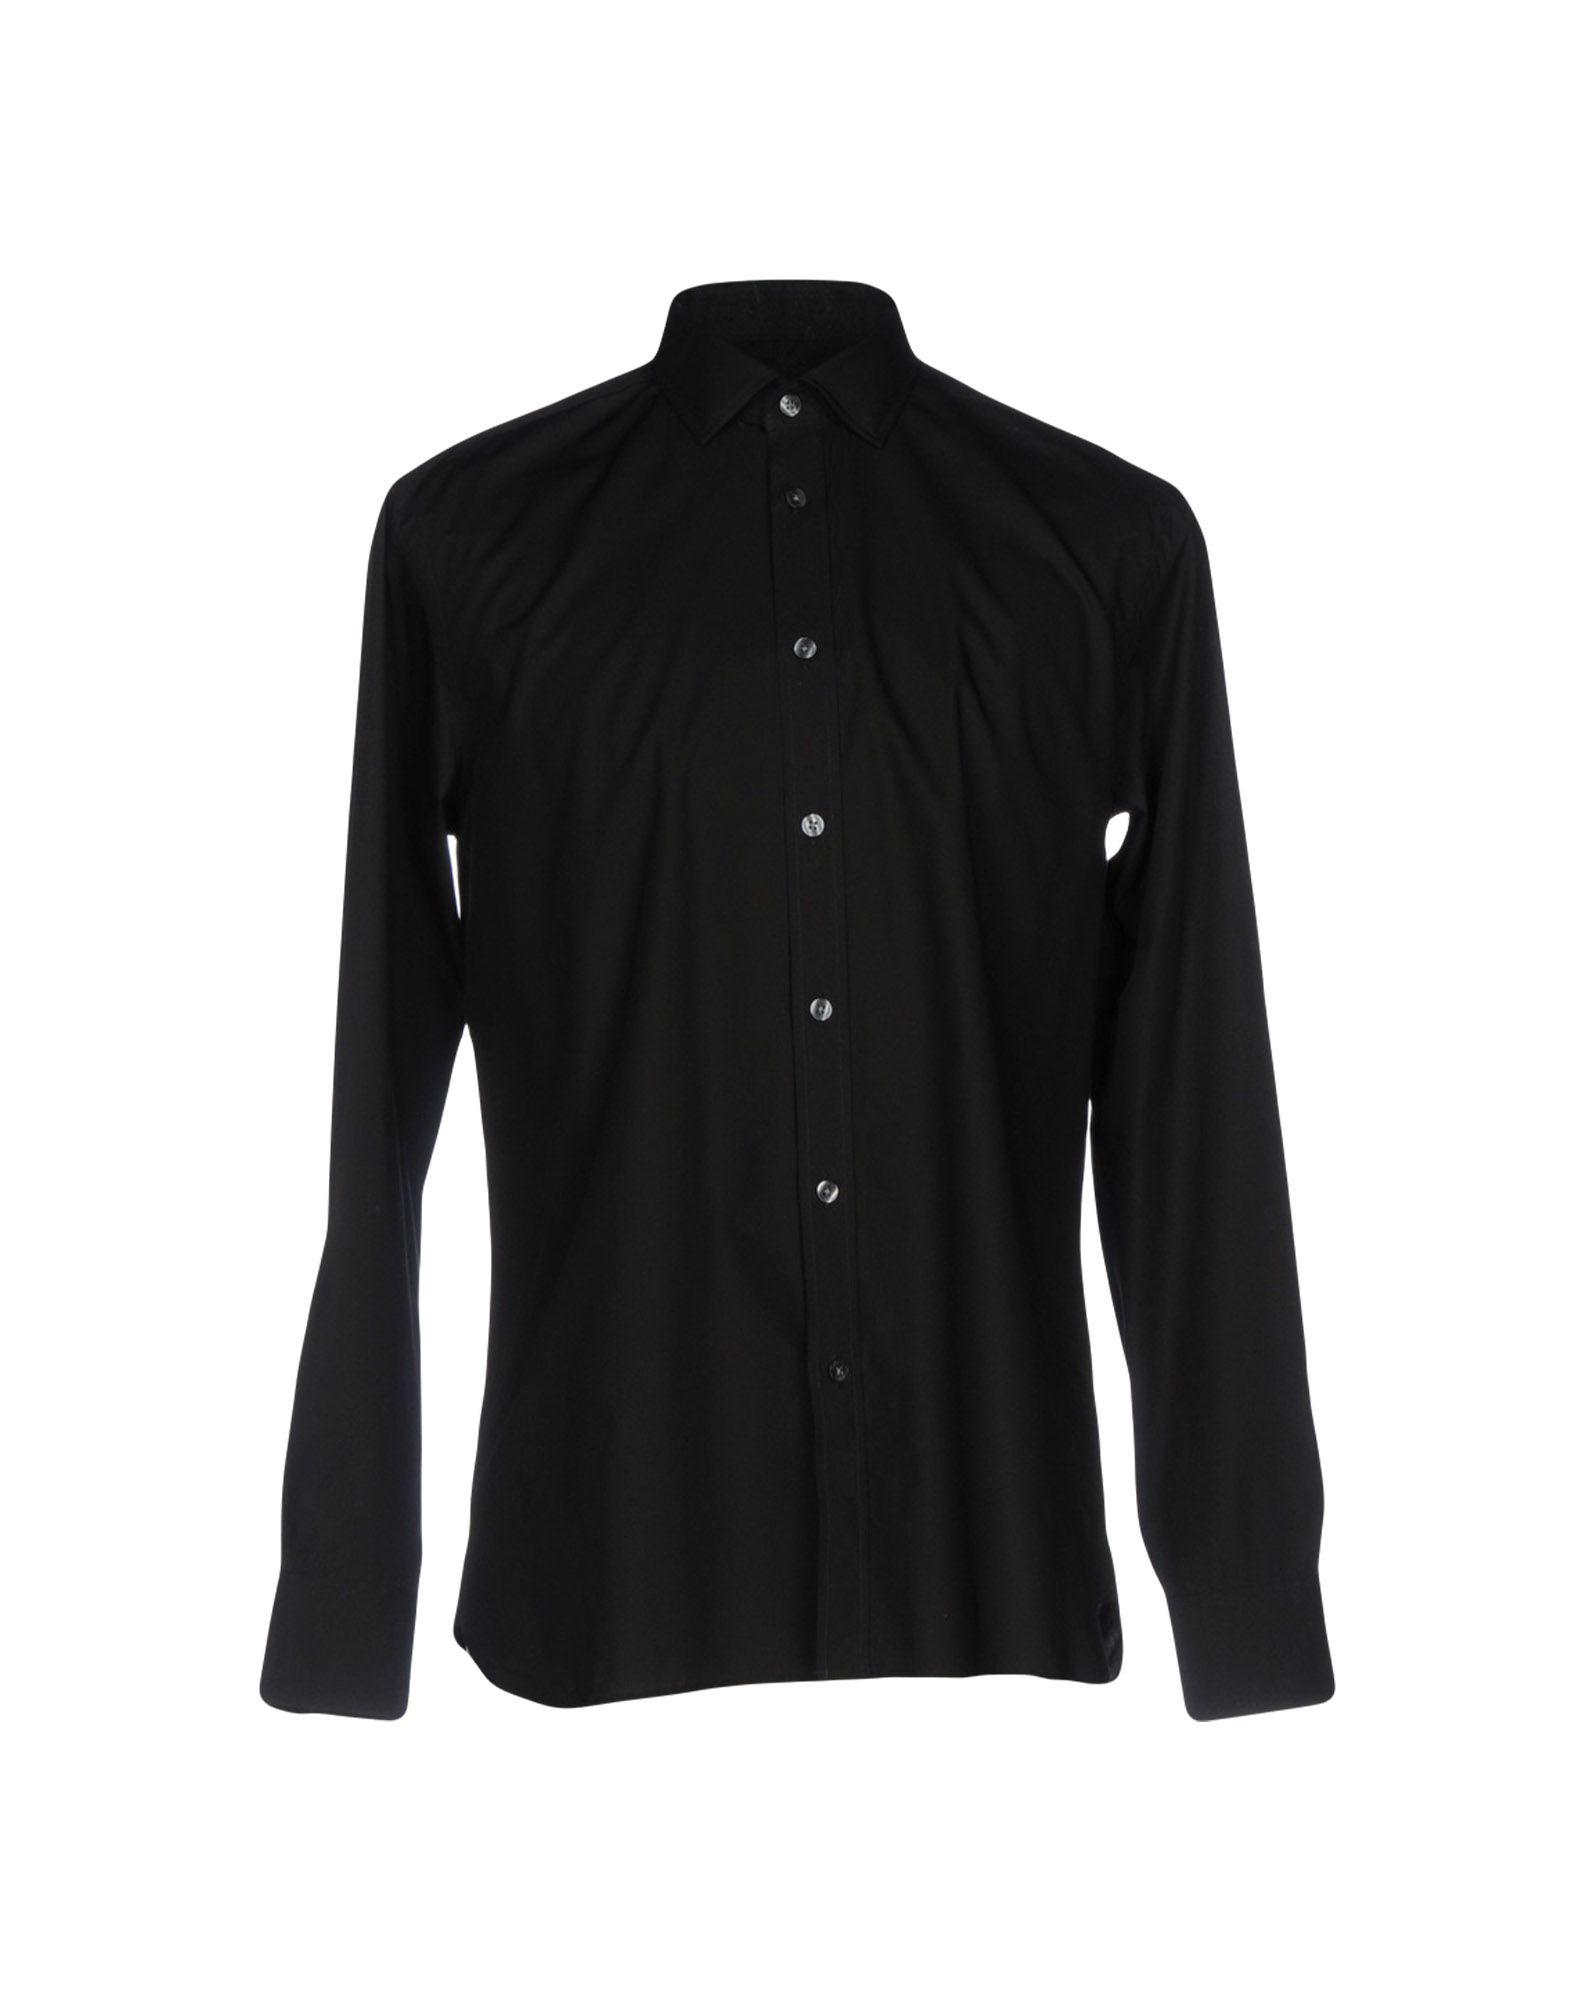 《2万円以上オーダーで送料無料》AQUASCUTUM メンズ シャツ ブラック 38 コットン 100%